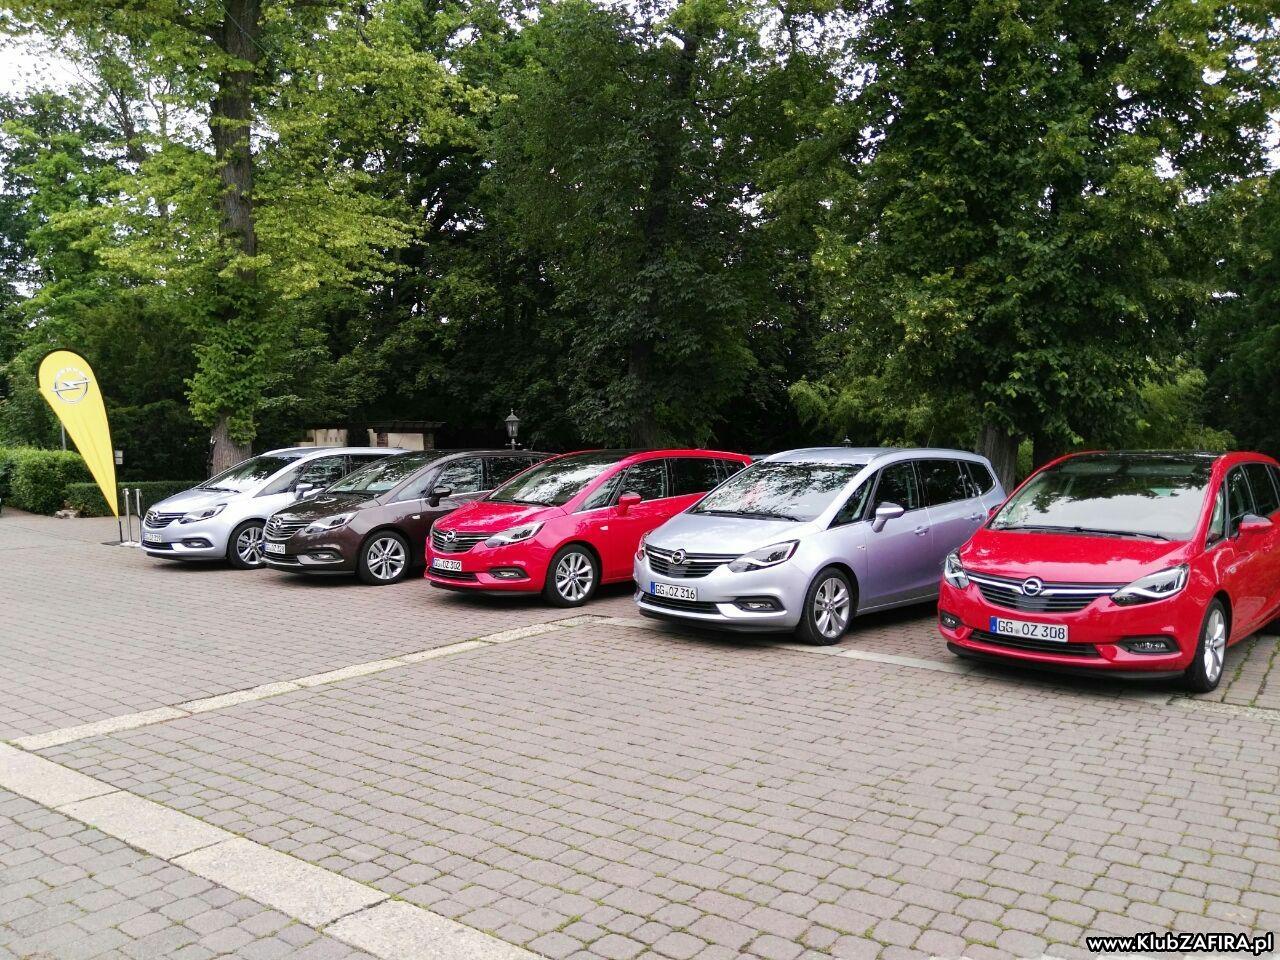 Audi a6 klub polska tuning jakie to auto propozycja zabawy -  Obrazek Opelzafira2017_frankfurt_32 Jpg